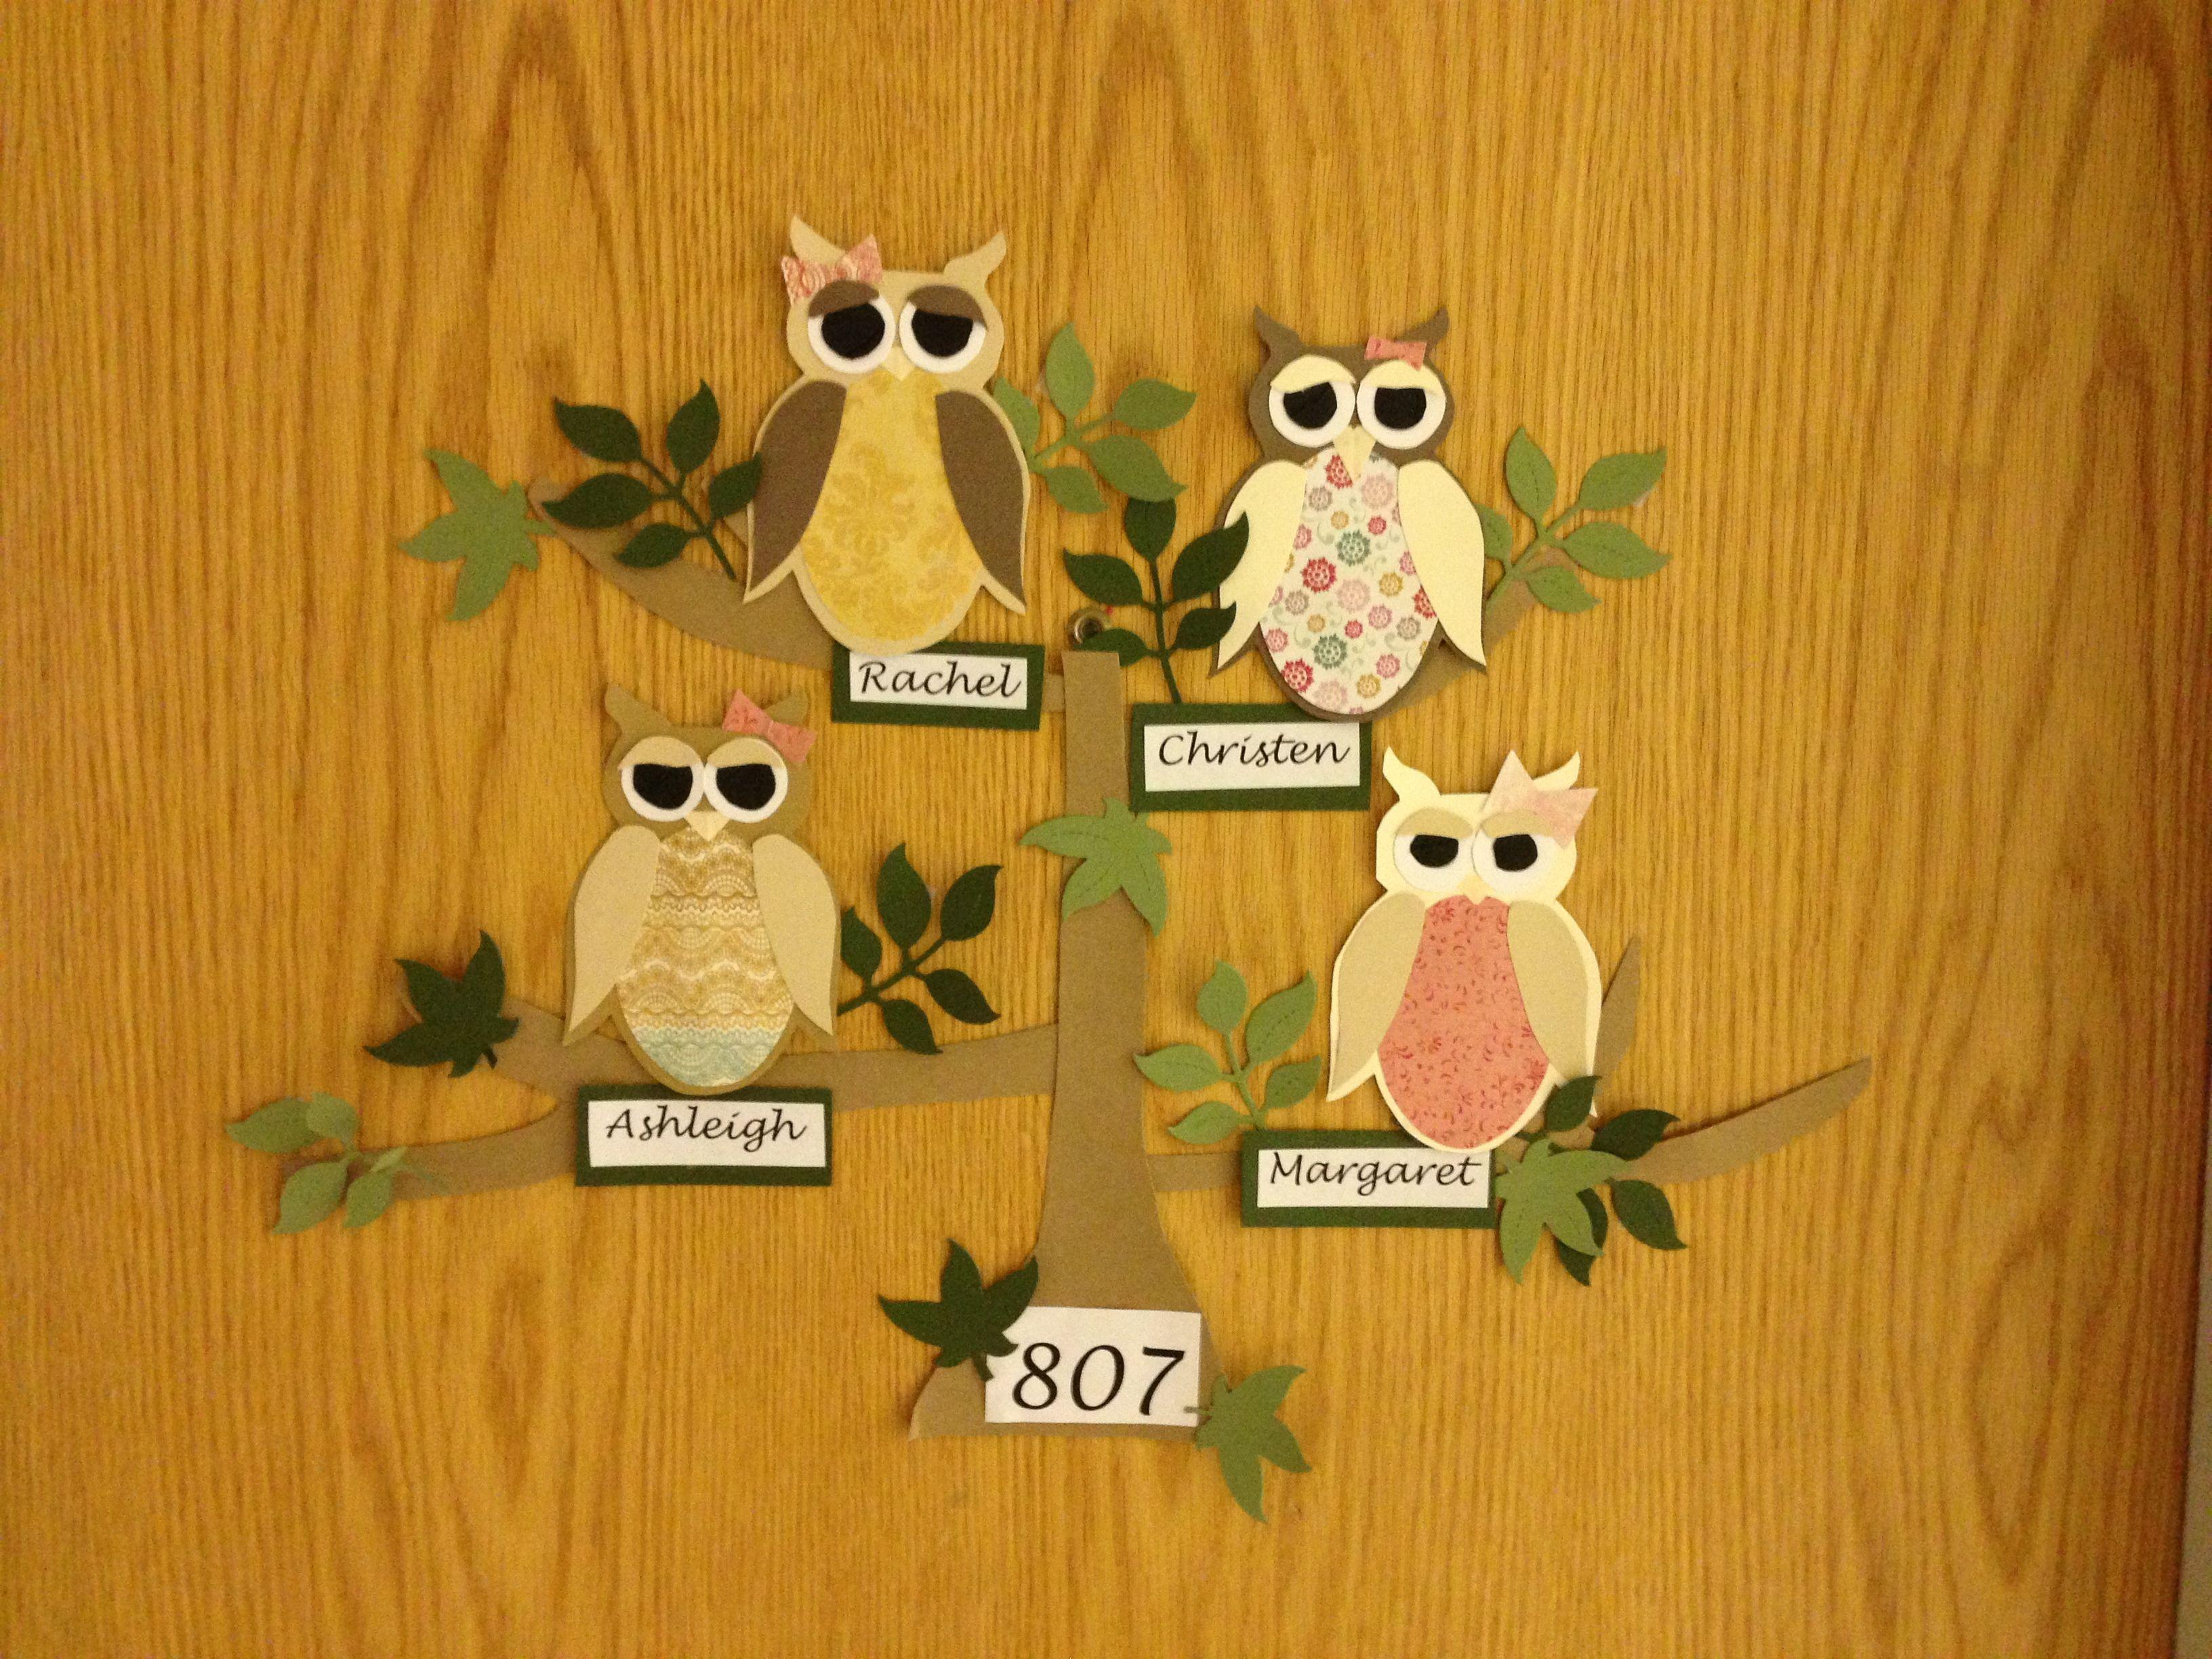 Pin by Holly Tyler on RA ideas   Pinterest   Owl, Door ...